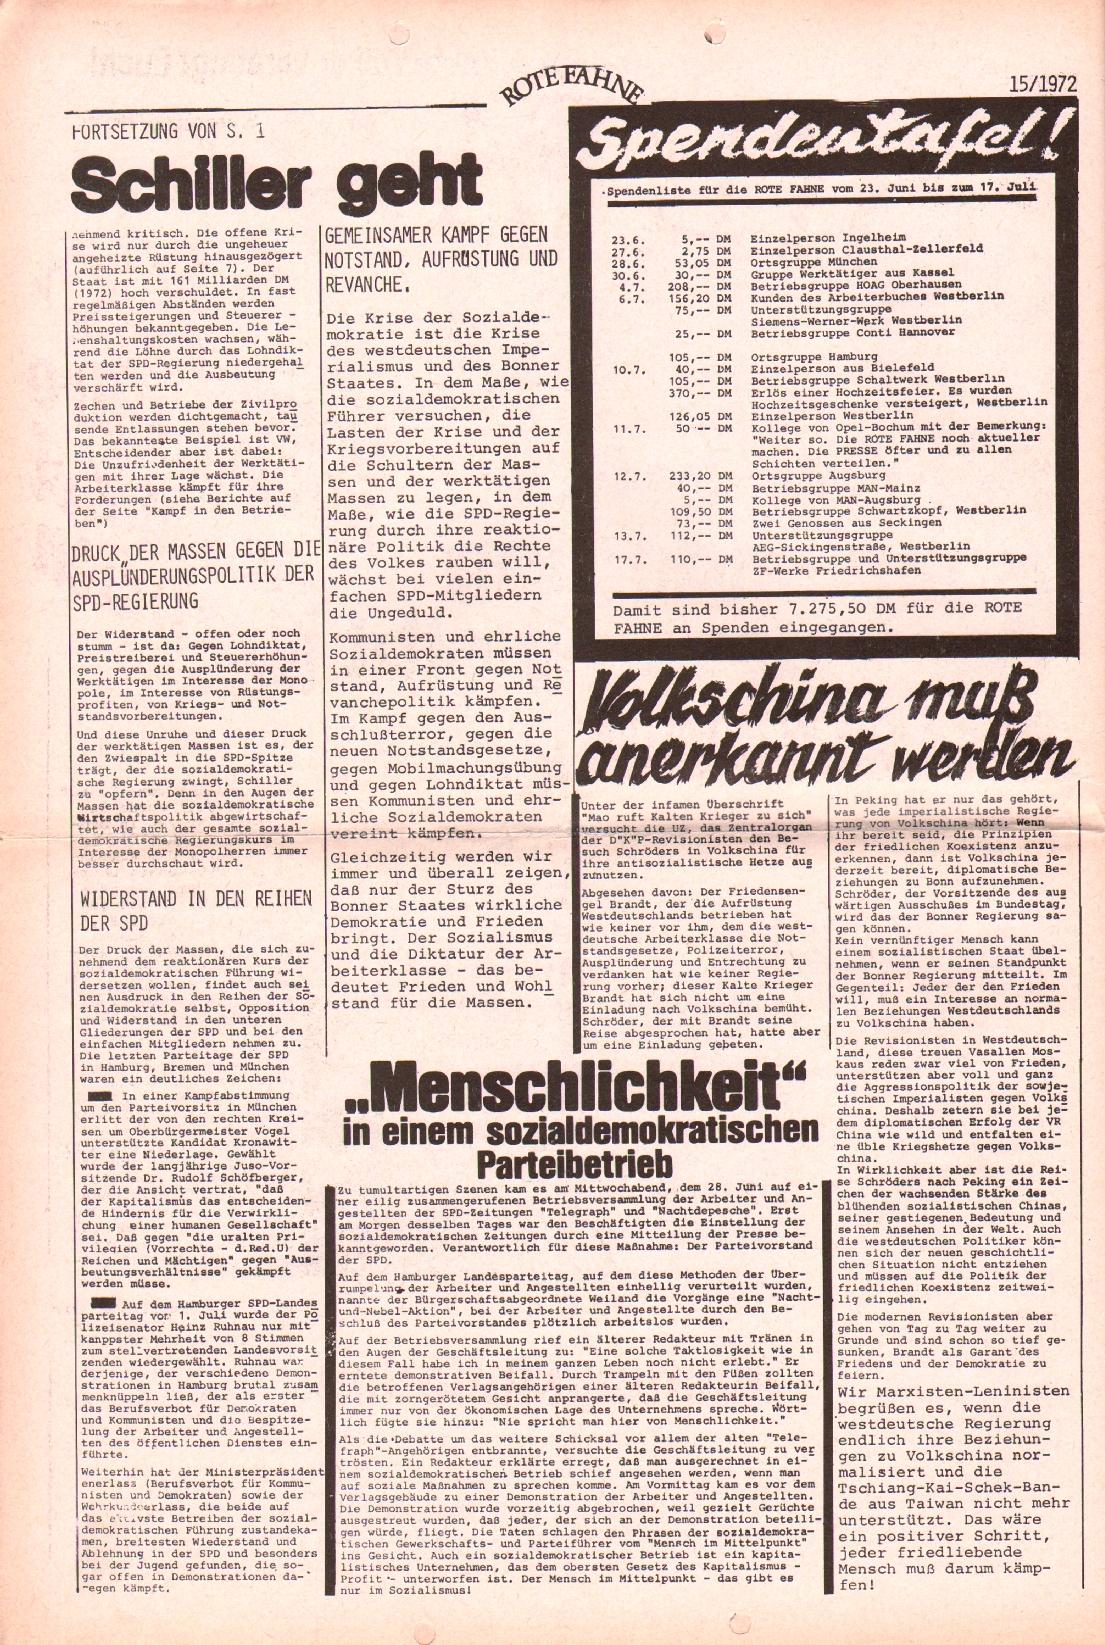 Rote Fahne, 3. Jg., 24.7.1972, Nr. 15, Seite 2